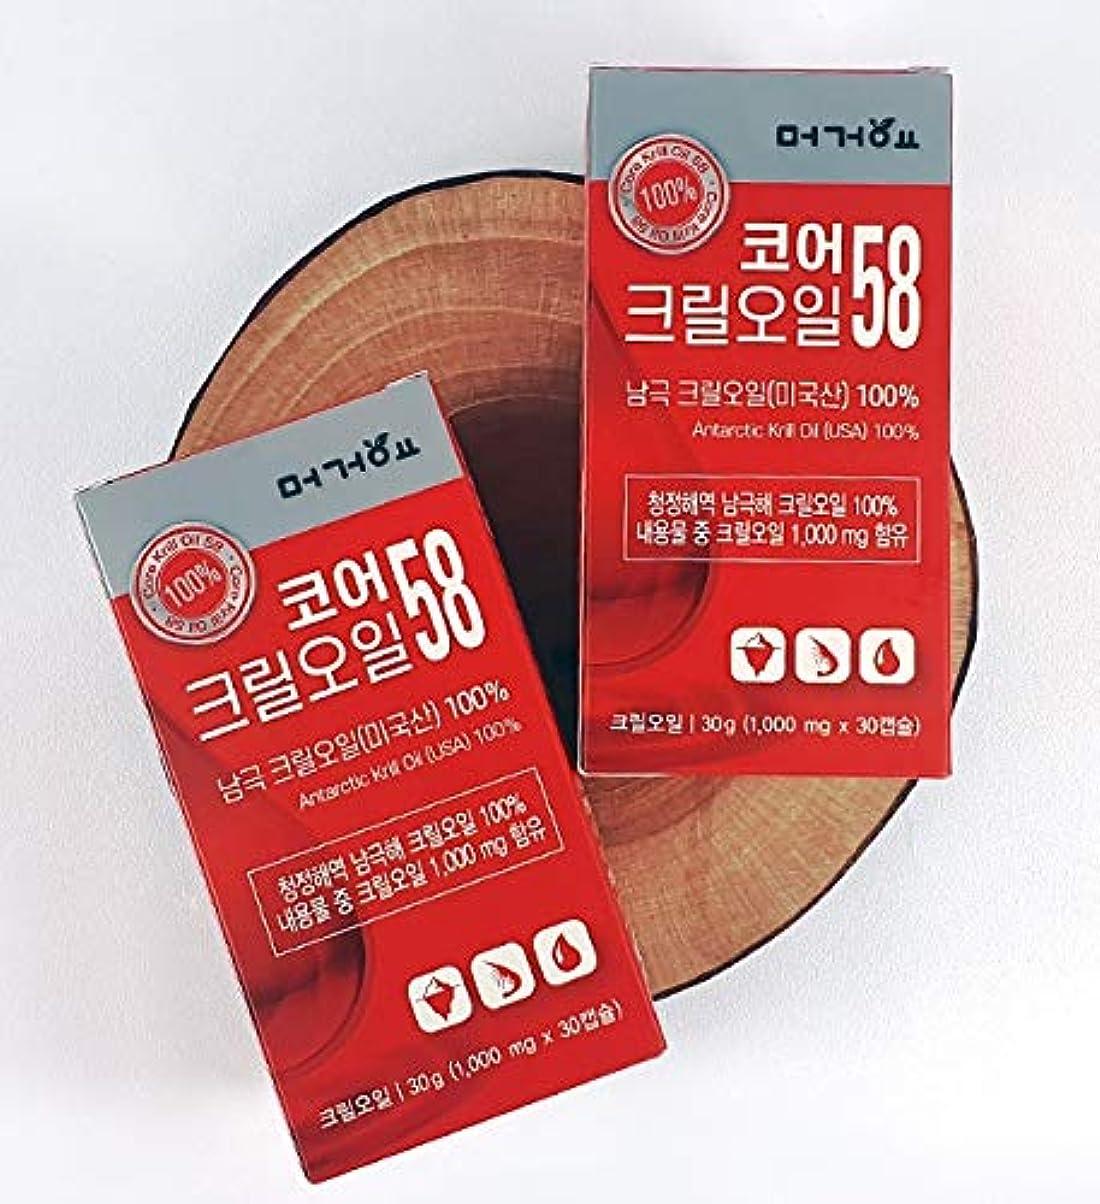 気づくシャープ遺伝的CORE CRILL Oils 58 コアクリルオイル58 健康カプセル ギフト 韓国ギフト人気商品 Korean Best Health supplements 30 capsules gifts